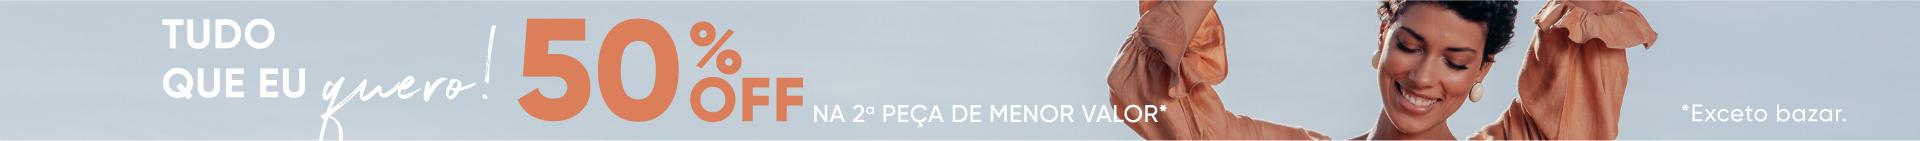 ecnCMCPreHeader